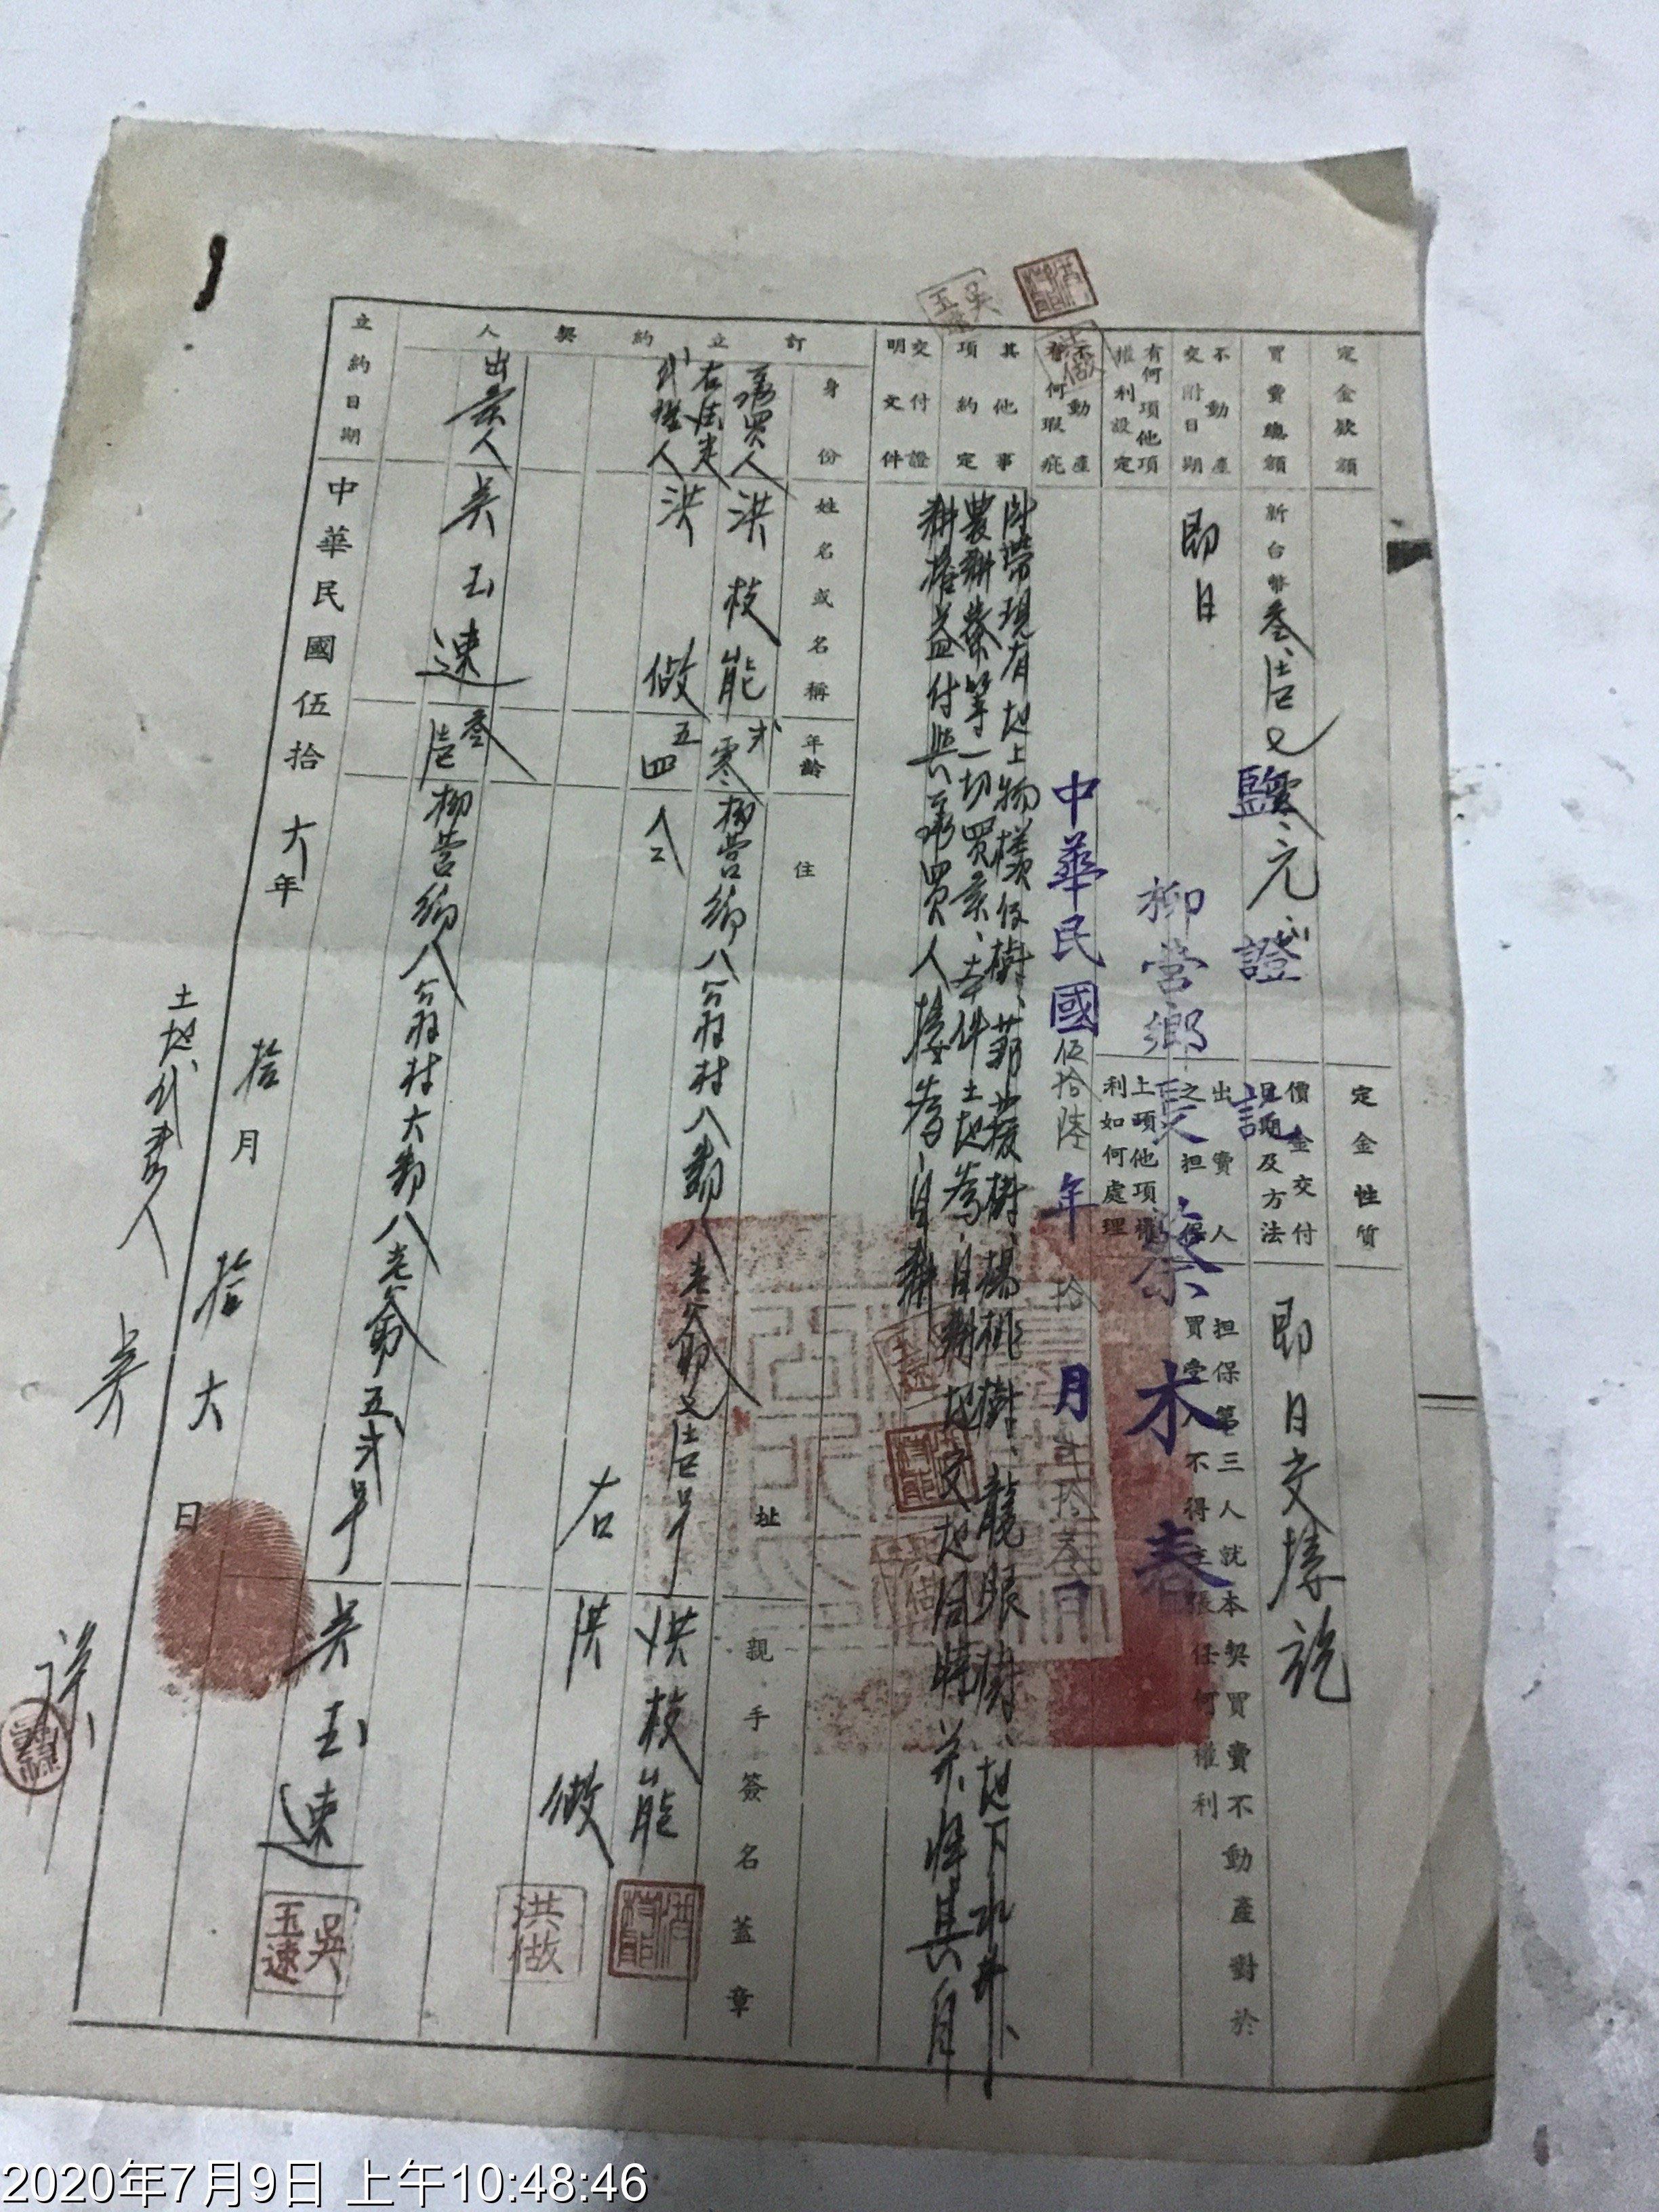 早期文獻,民國57年,土地買賣契約書  多張印花